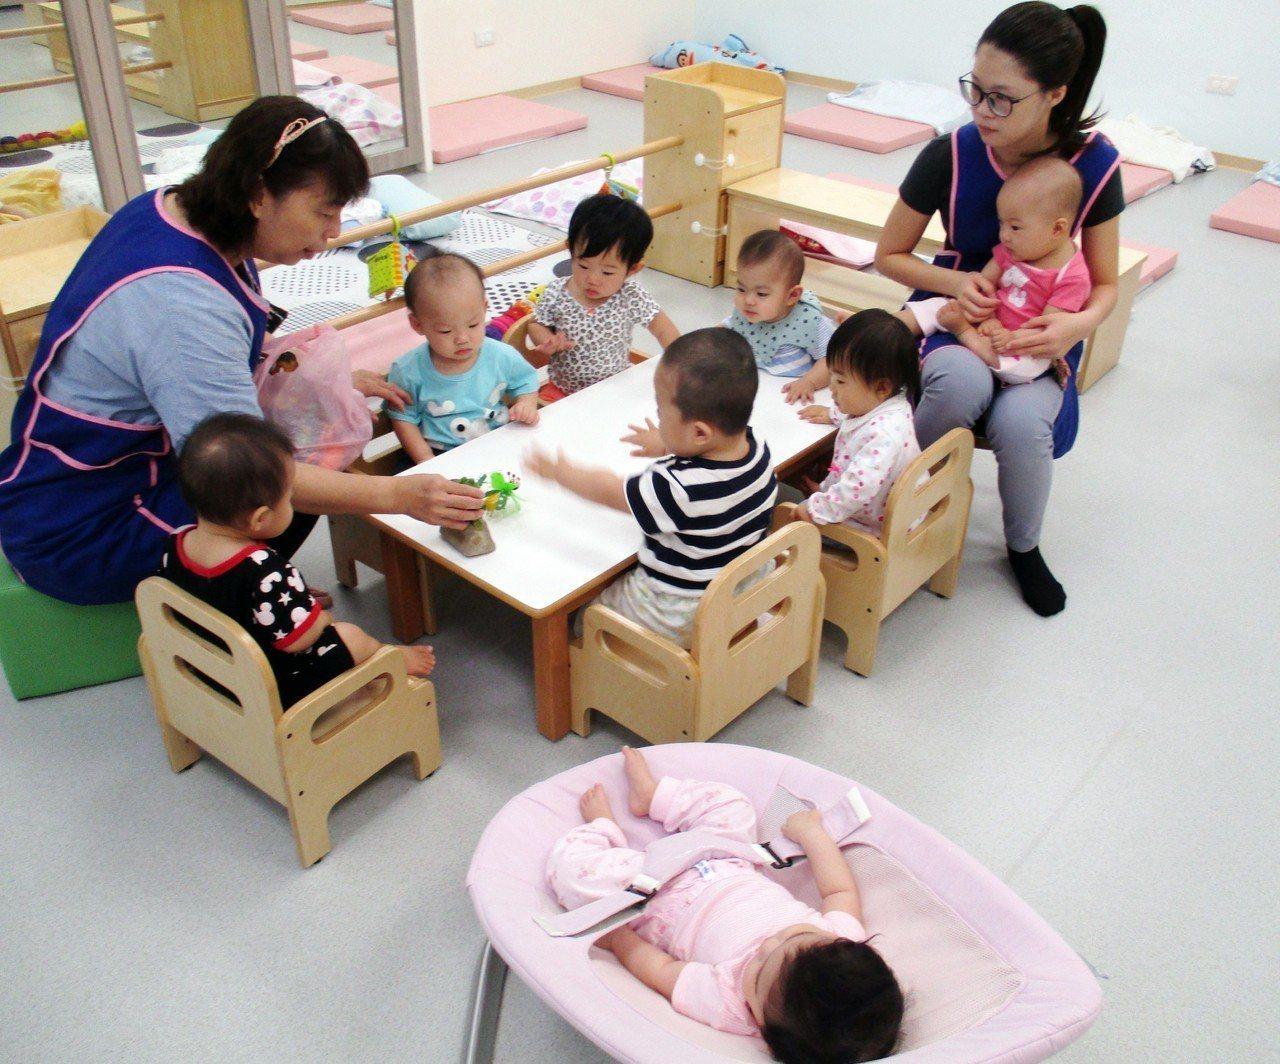 許多婦女考量照顧成本與品質,多數選擇離開職場、自行照顧孩子。圖/新北社會局提供